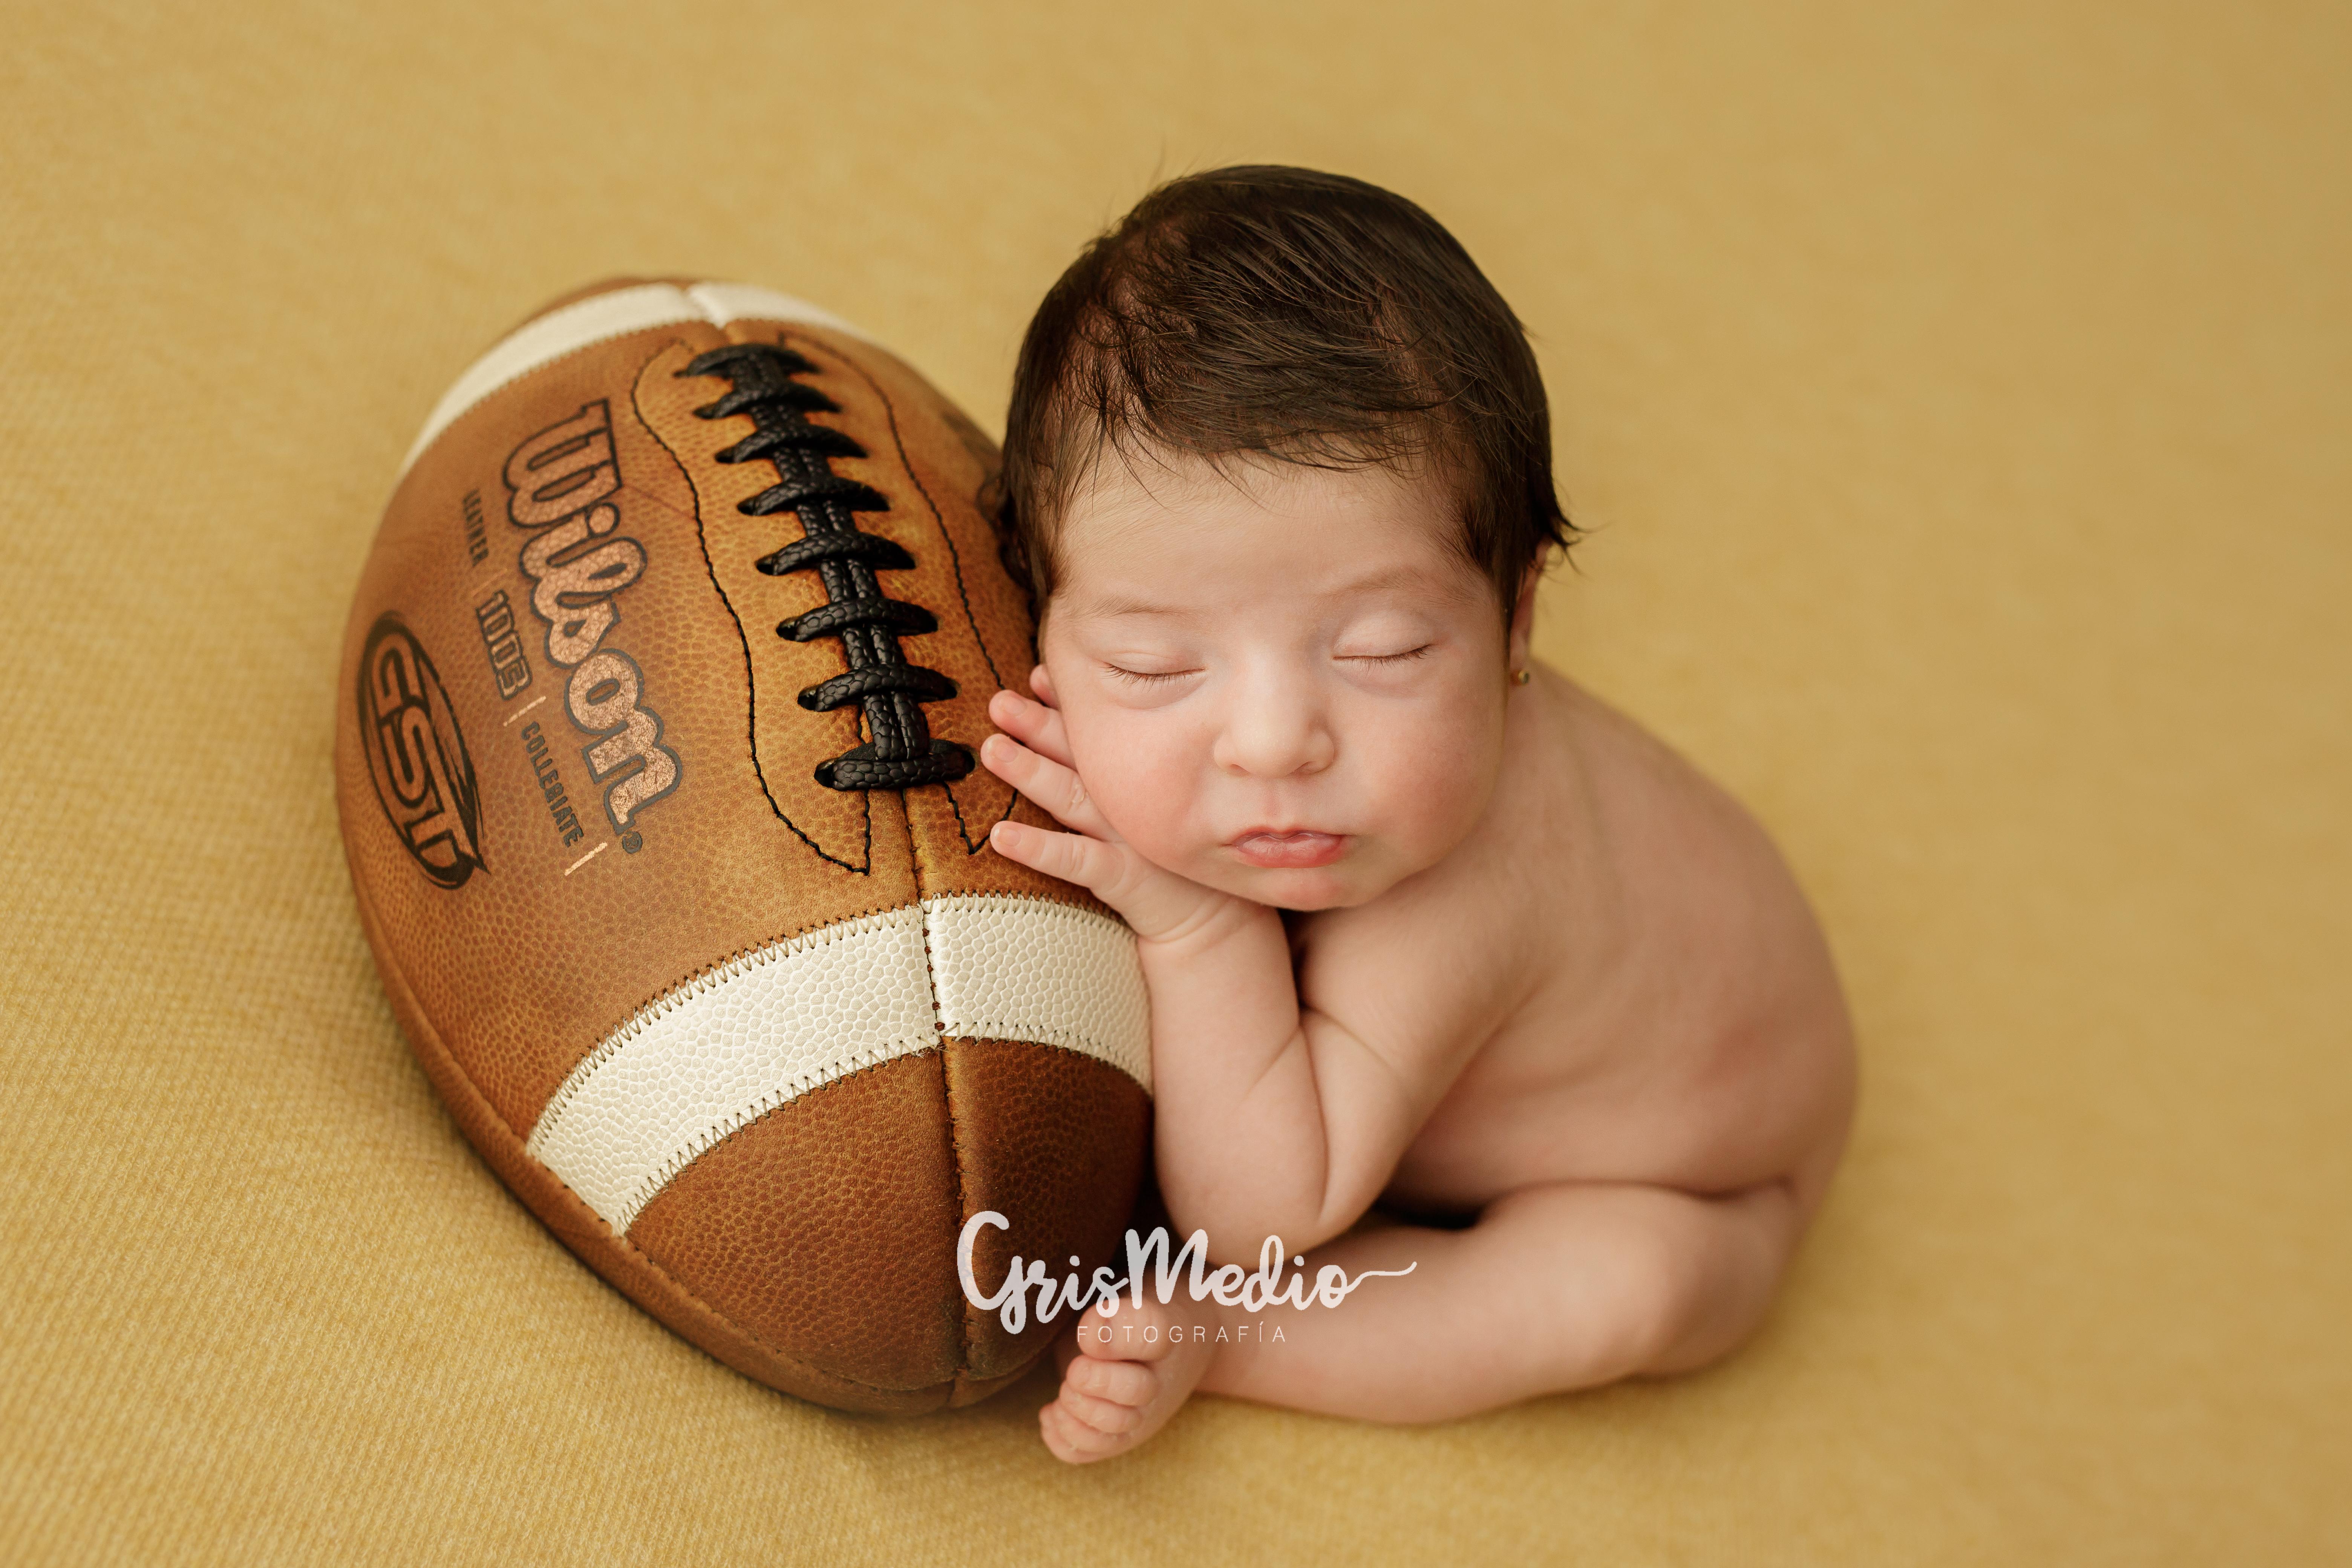 GrisMedio_Fotografía-_newborn-zaragoza-r_2989